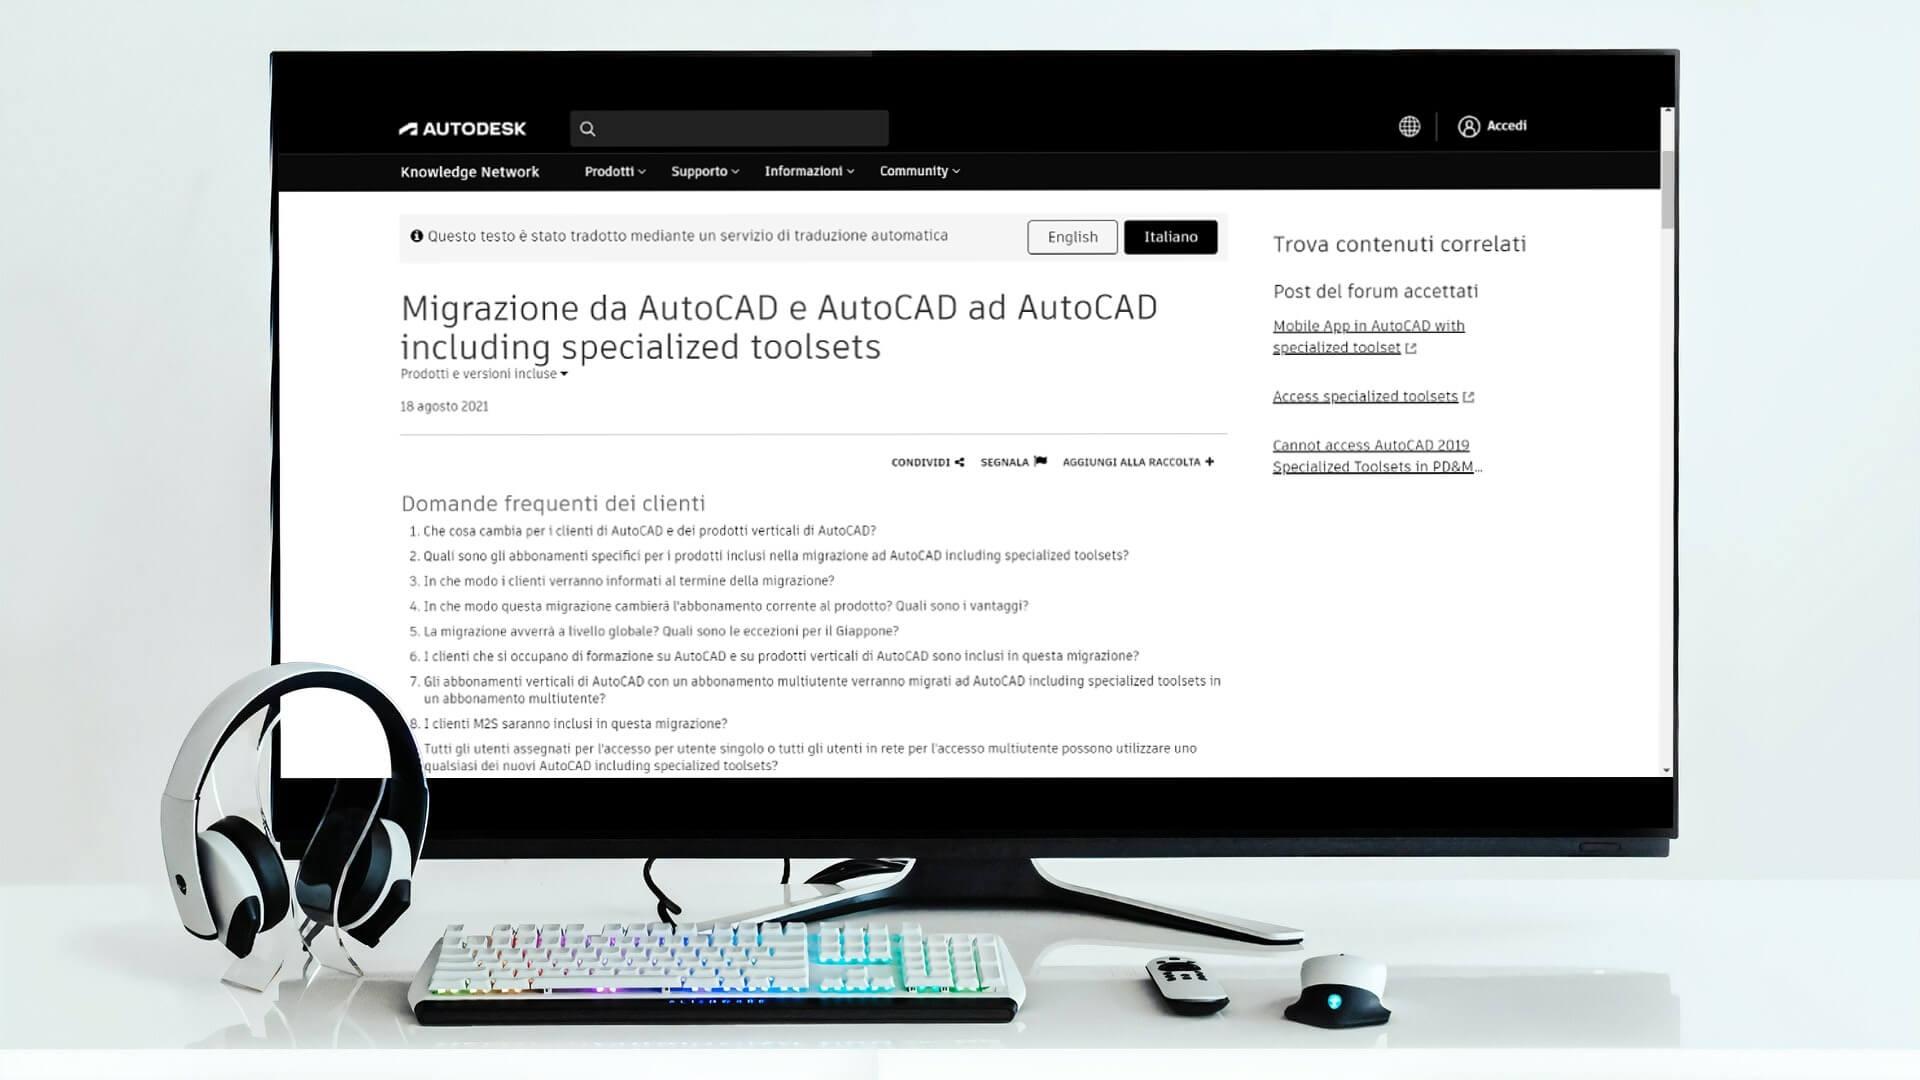 Un PC nella pagina delle FAQ di Autodesk